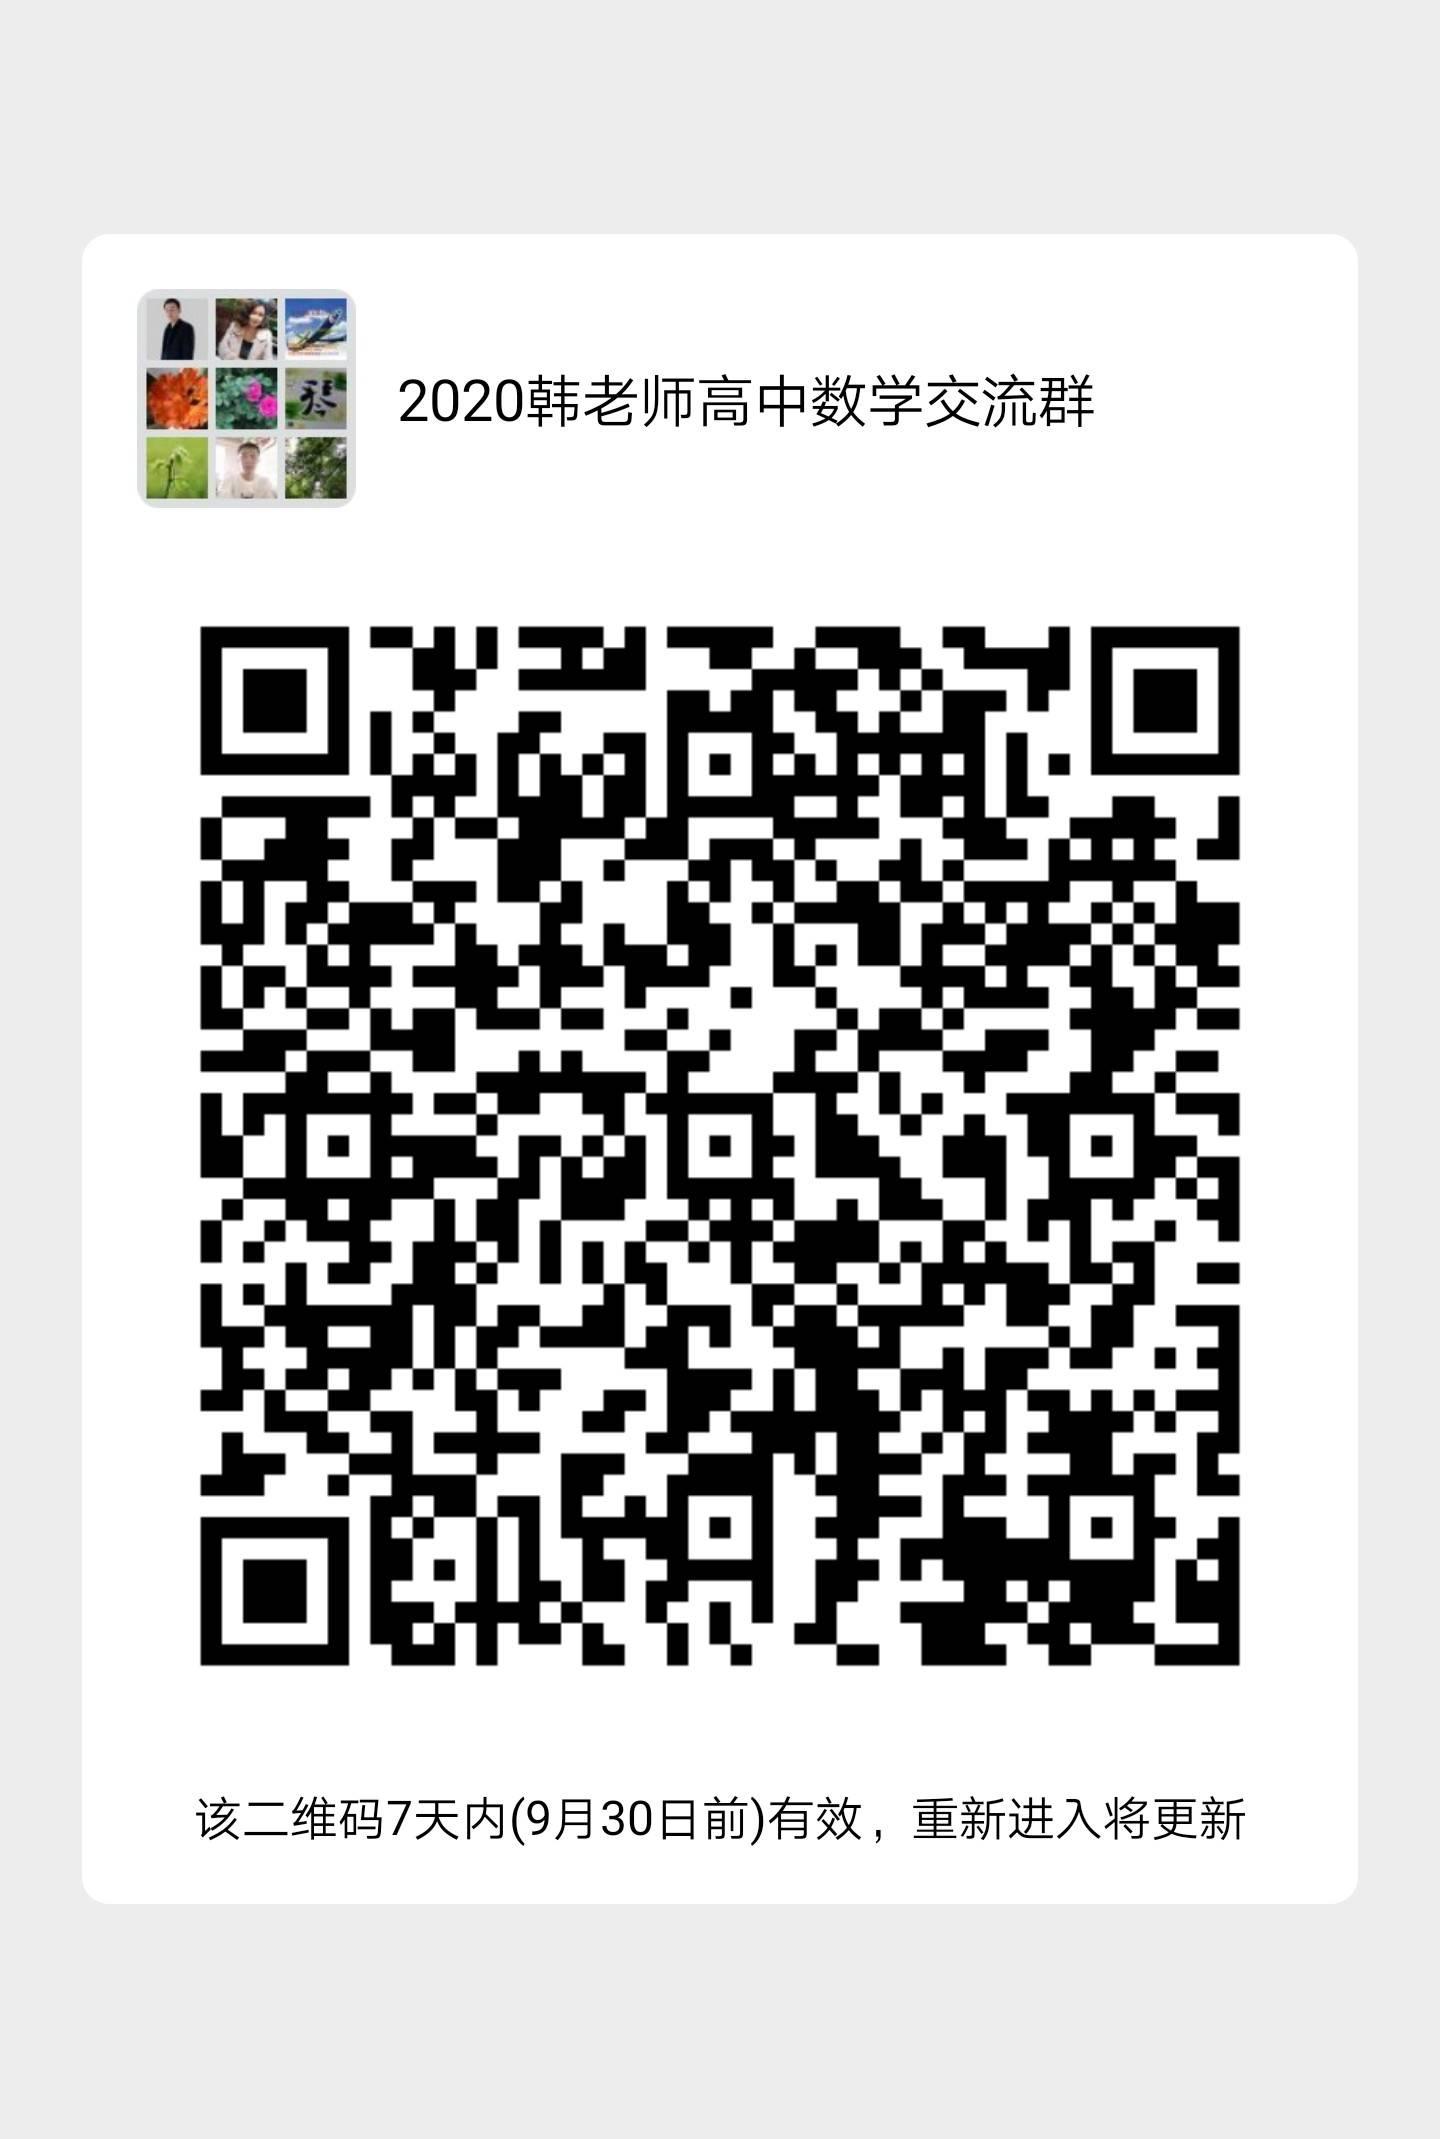 2020-09-23 01.06.55.jpg